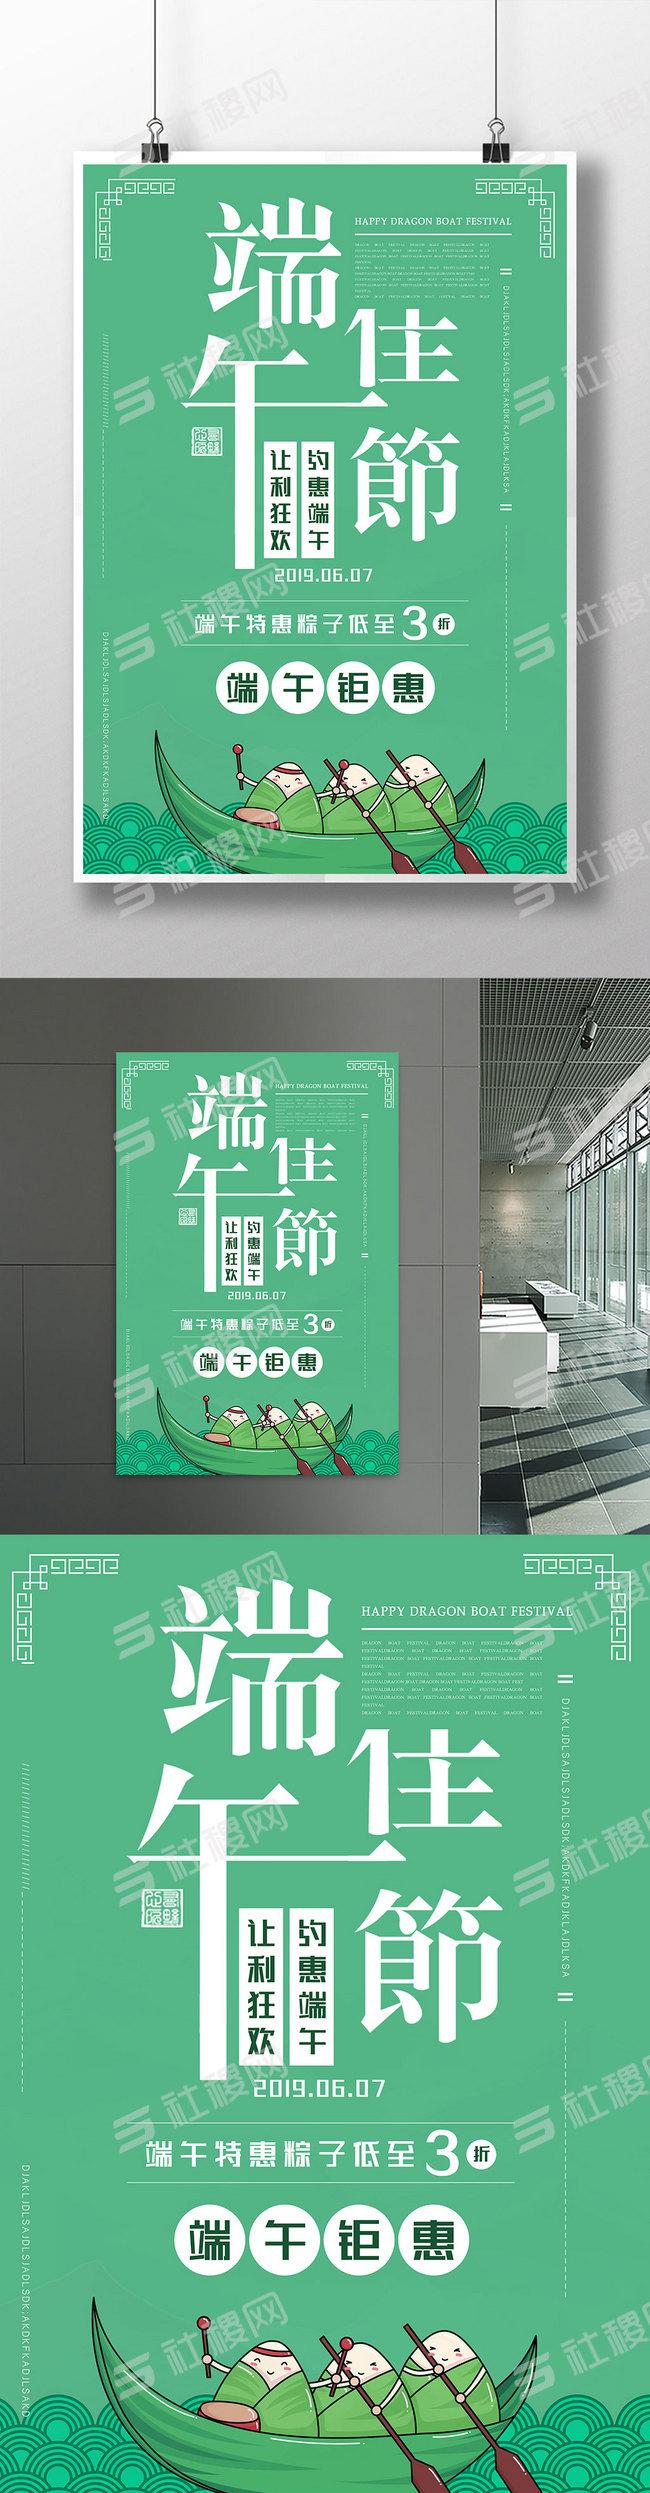 端午佳节钜惠海报模板